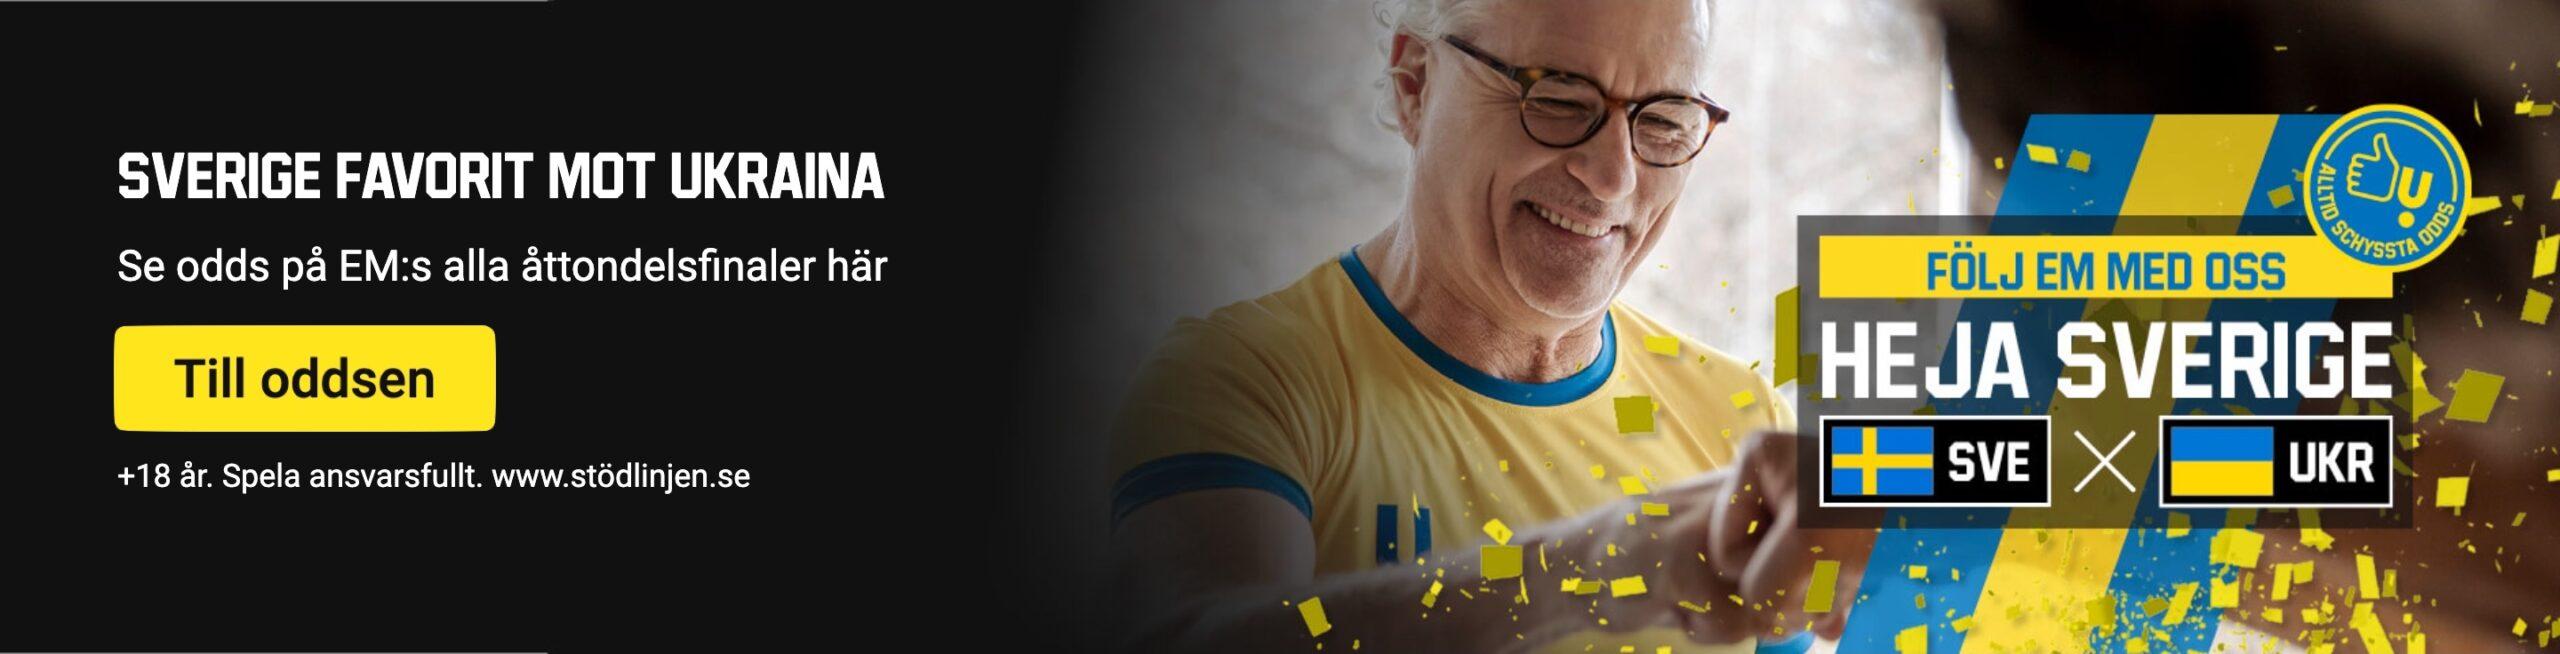 Streama Sverige Ukraina live online